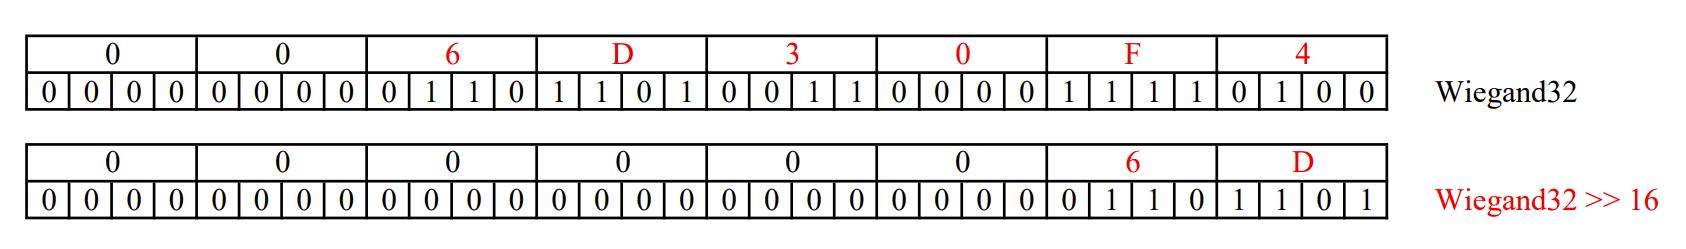 【C】EM卡韦根32/24格式卡号转换的实现